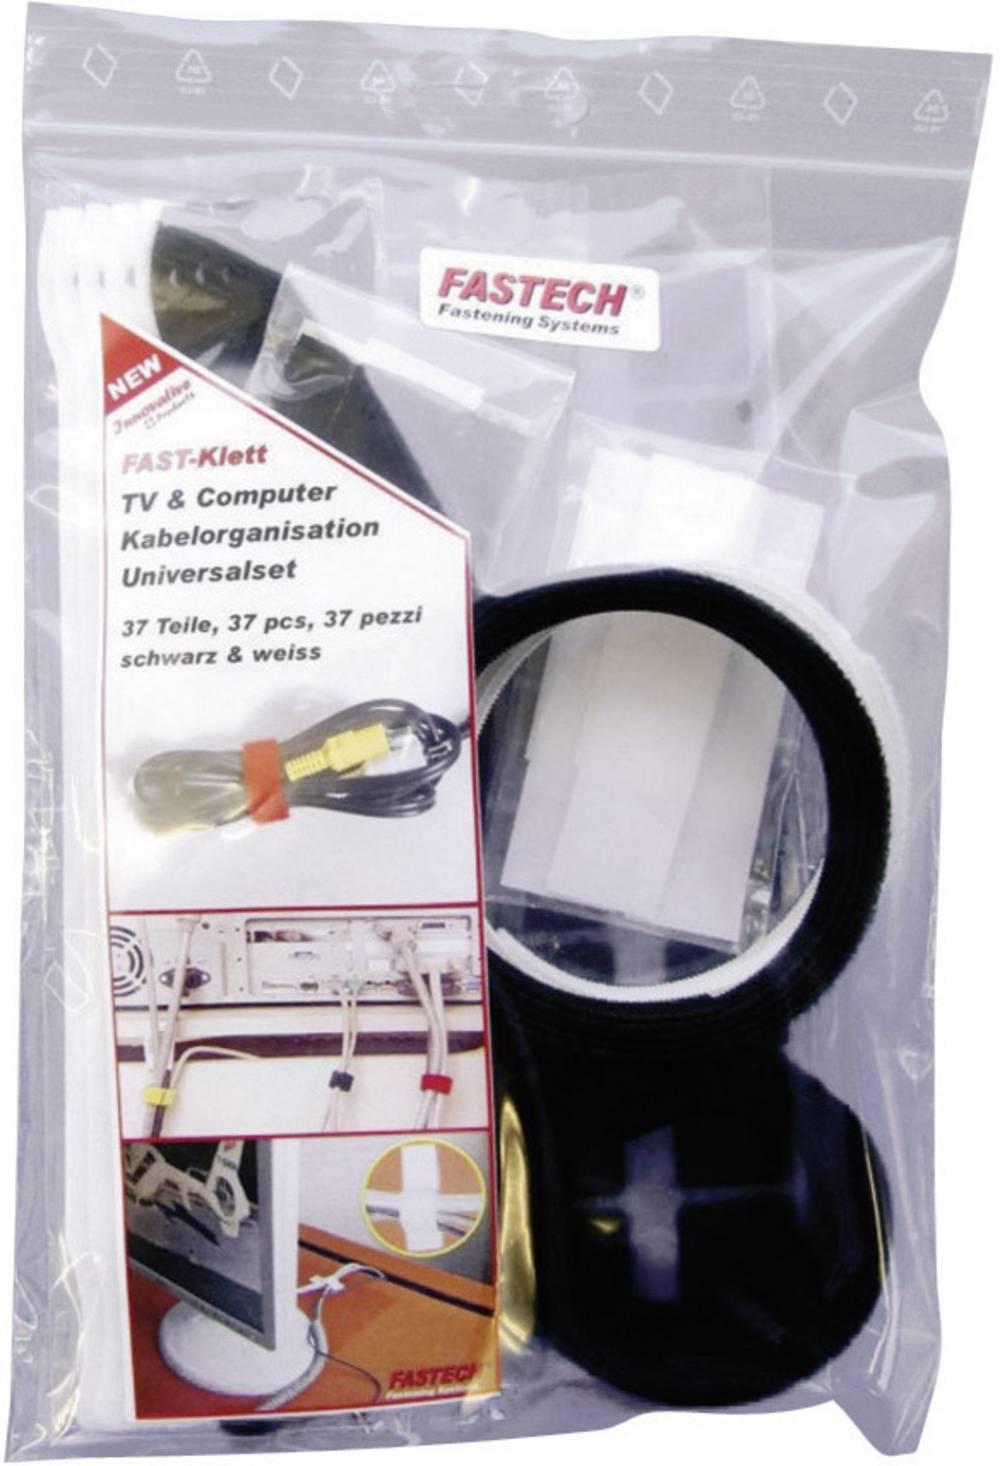 Sprijemalni trakovi/ježki za TV in računalnik Fastech 574, komplet 574-Set-Bag